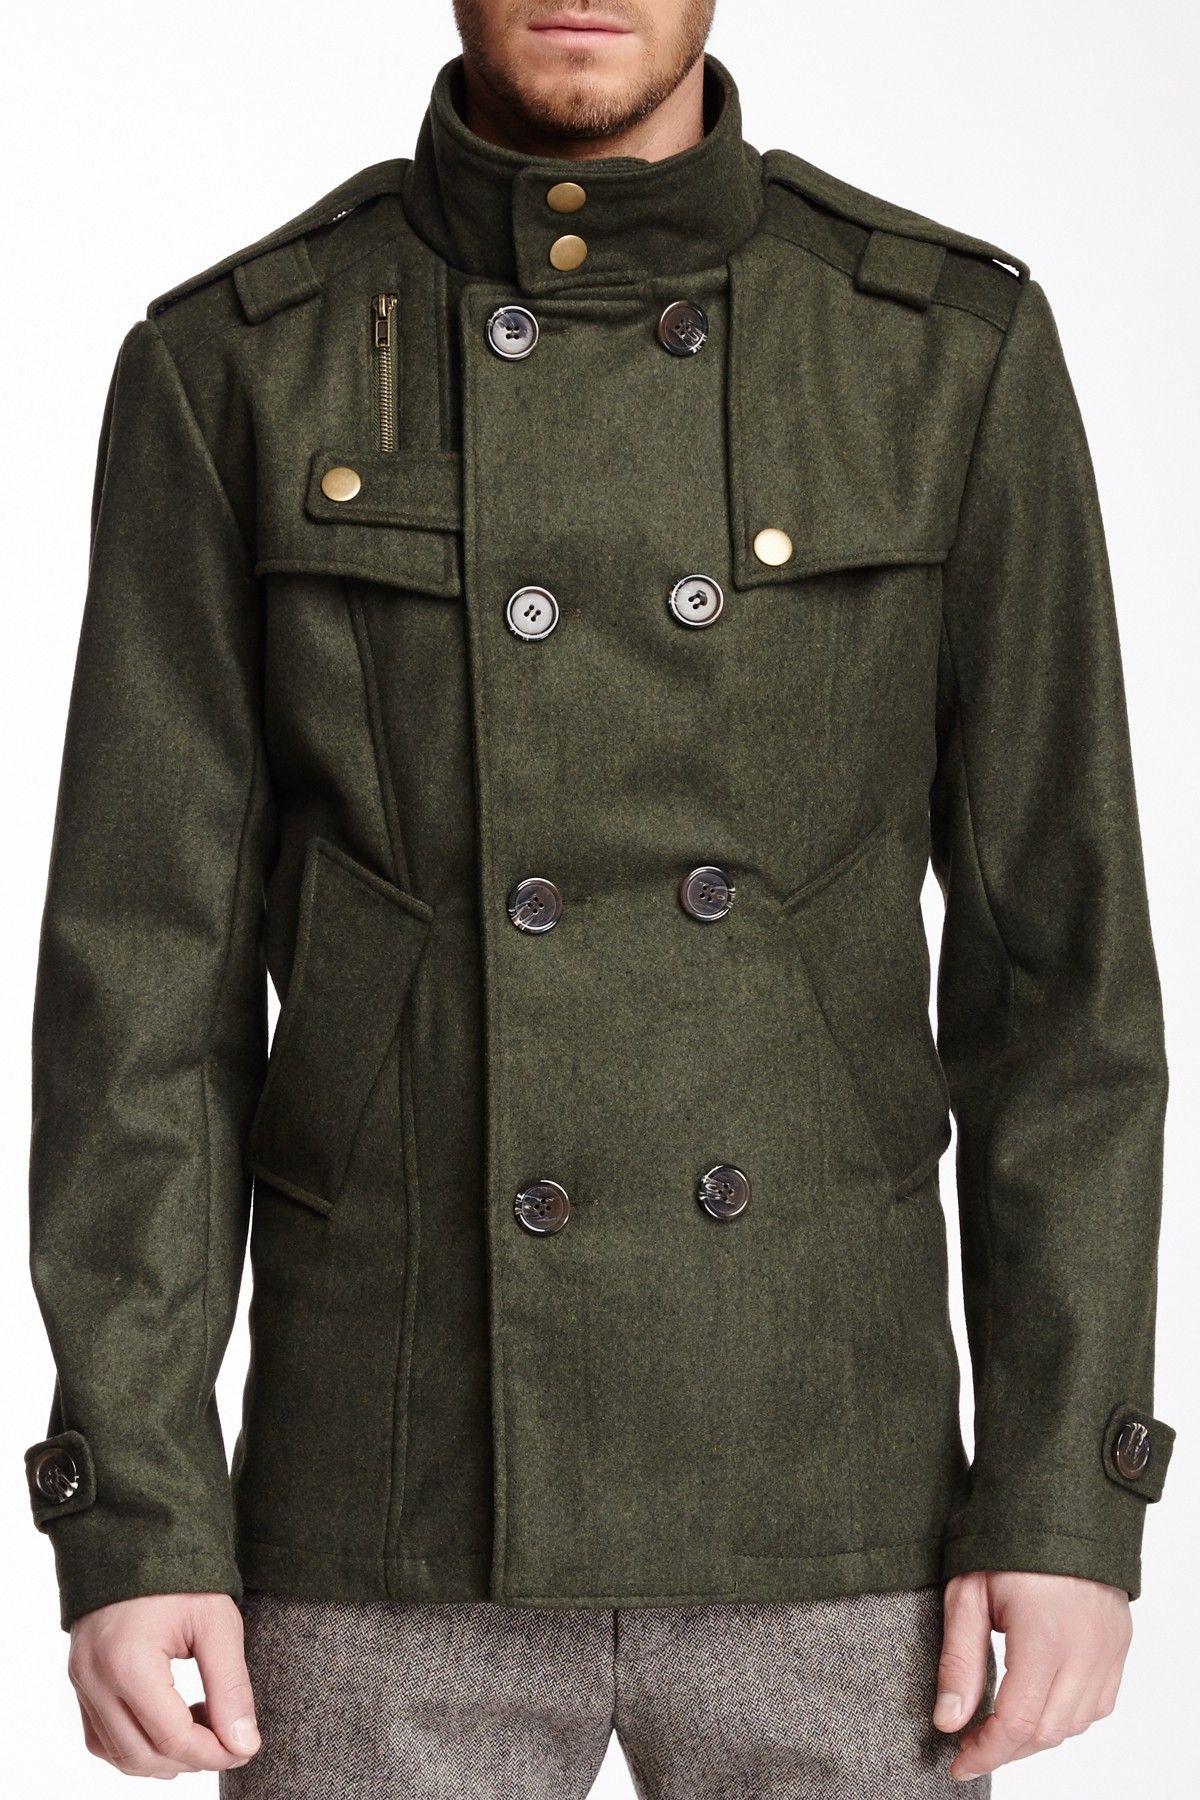 Repair Double Breasted Jacket on HauteLook